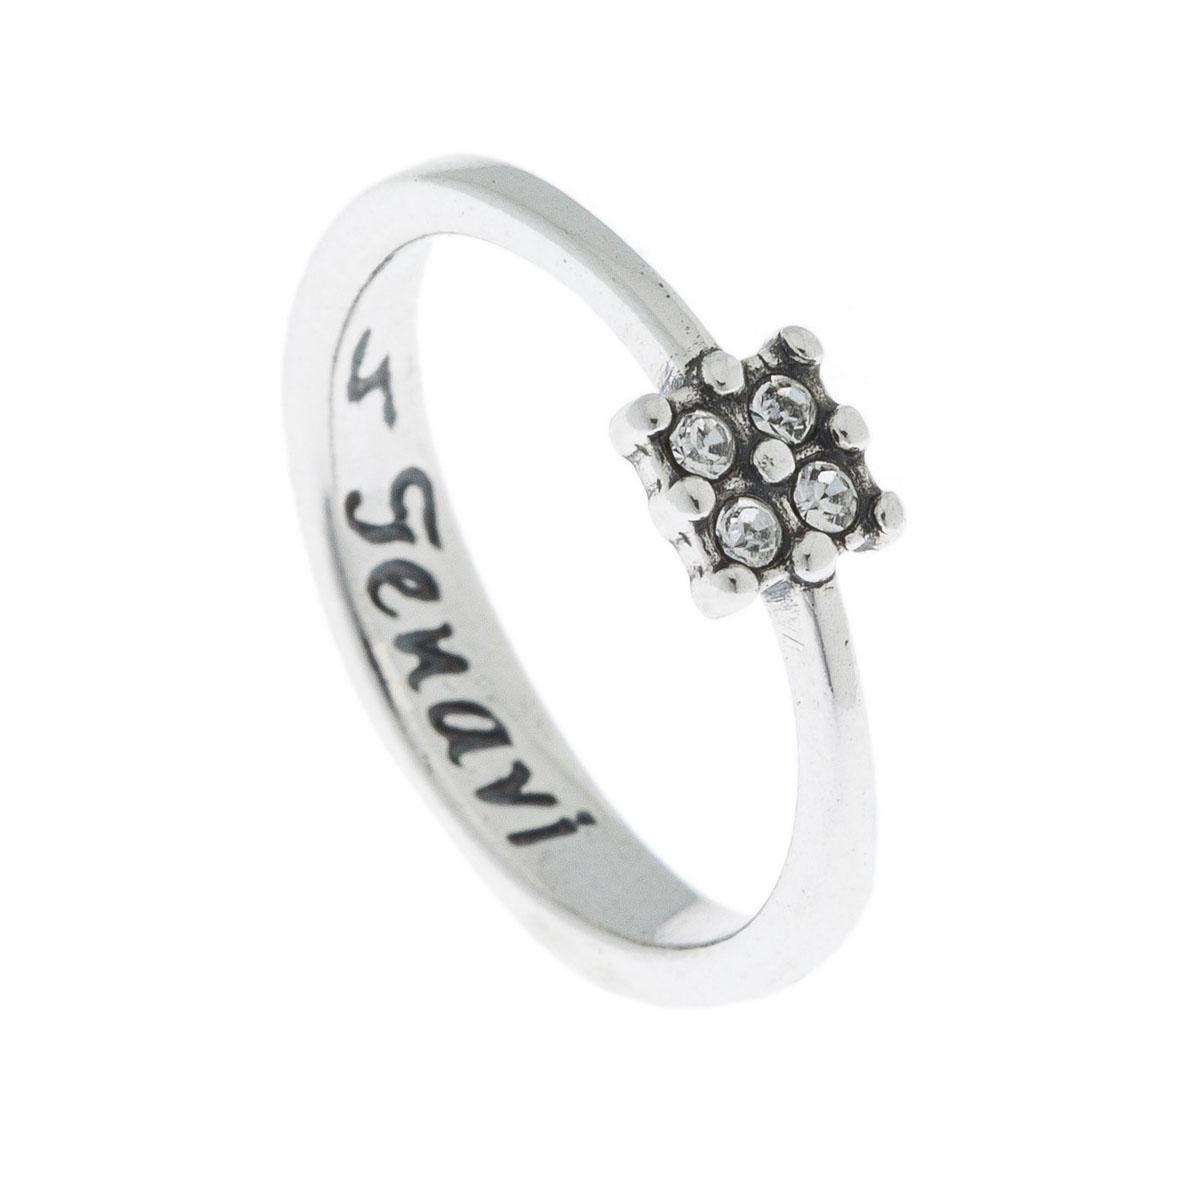 Кольцо Jenavi Экс, цвет: серебро, белый. k4913000. Размер 17k4913000Коллекция Э, Экс (Кольцо) гипоаллергенный ювелирный сплав,Черненое серебро, вставка Кристаллы Swarovski